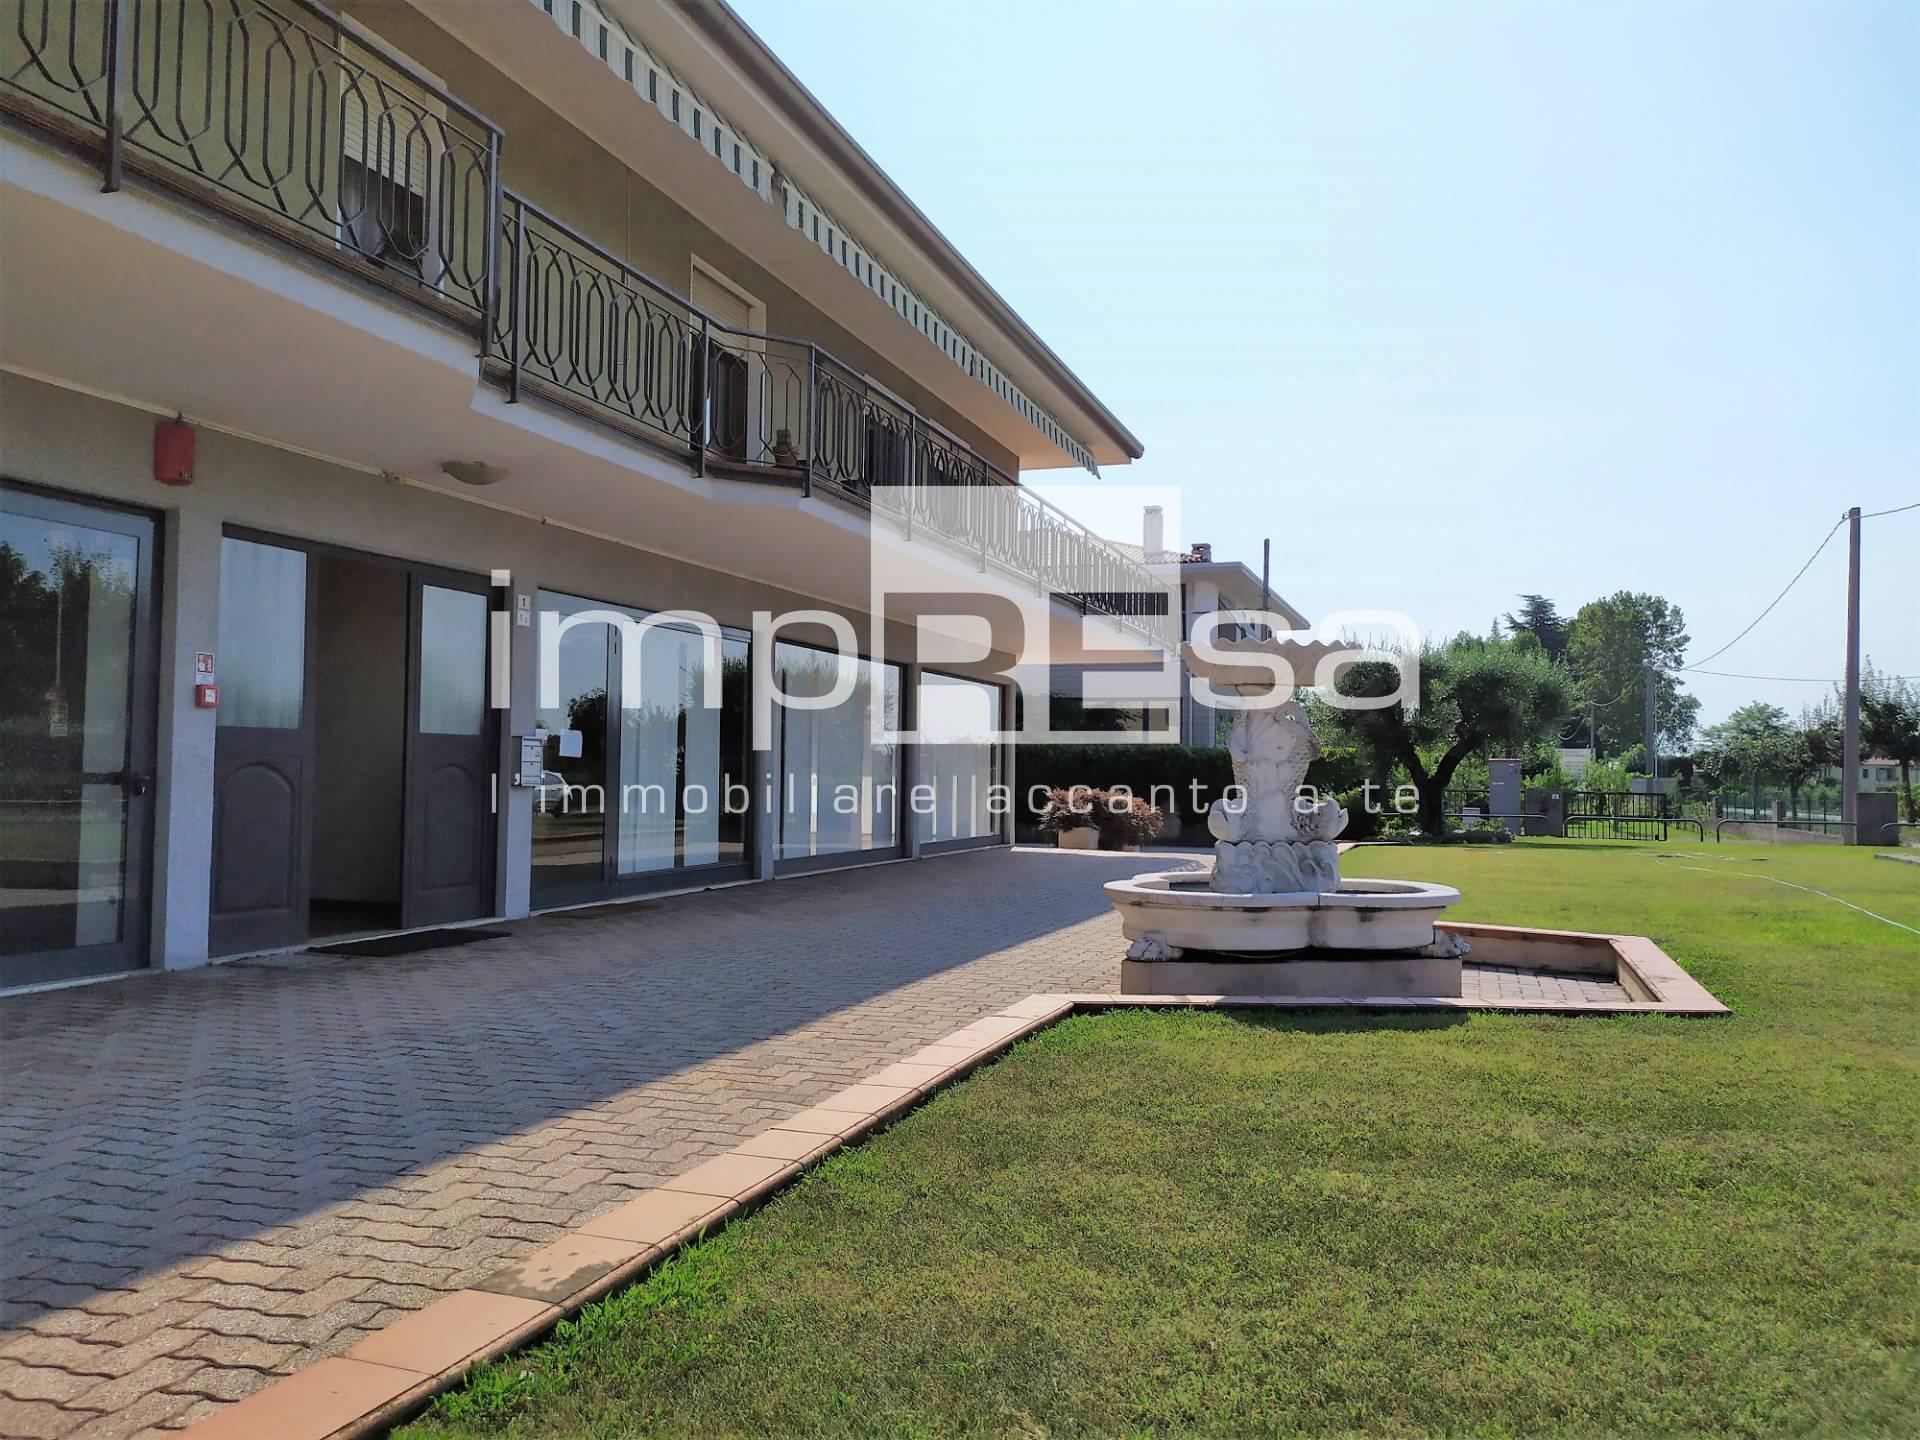 Appartamento in vendita a Susegana, 10 locali, zona Località: PontedellaPriula, prezzo € 615.000 | PortaleAgenzieImmobiliari.it